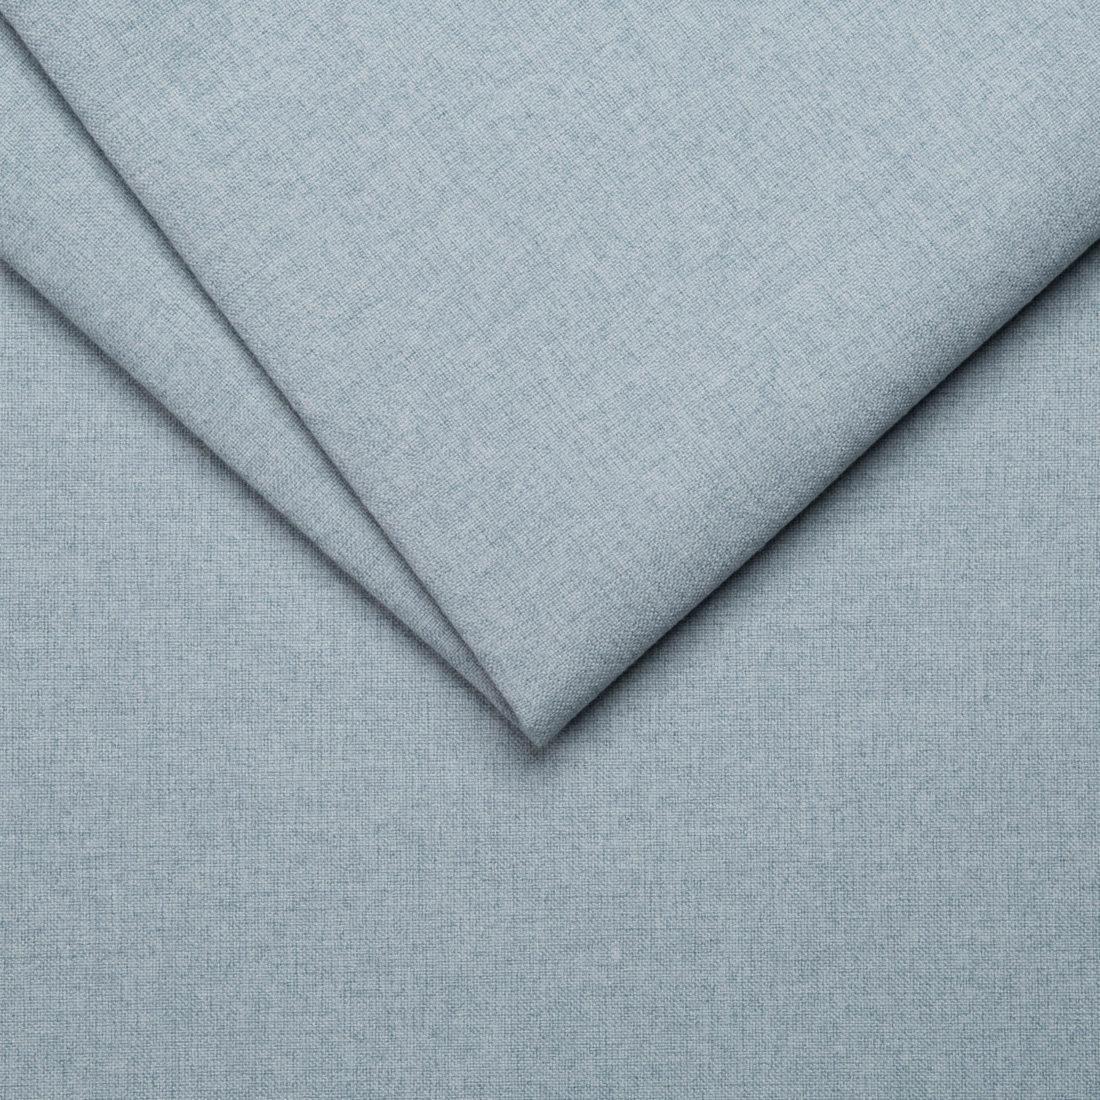 Мебельная ткань Cashmere 10 Pastel Blue, рогожка